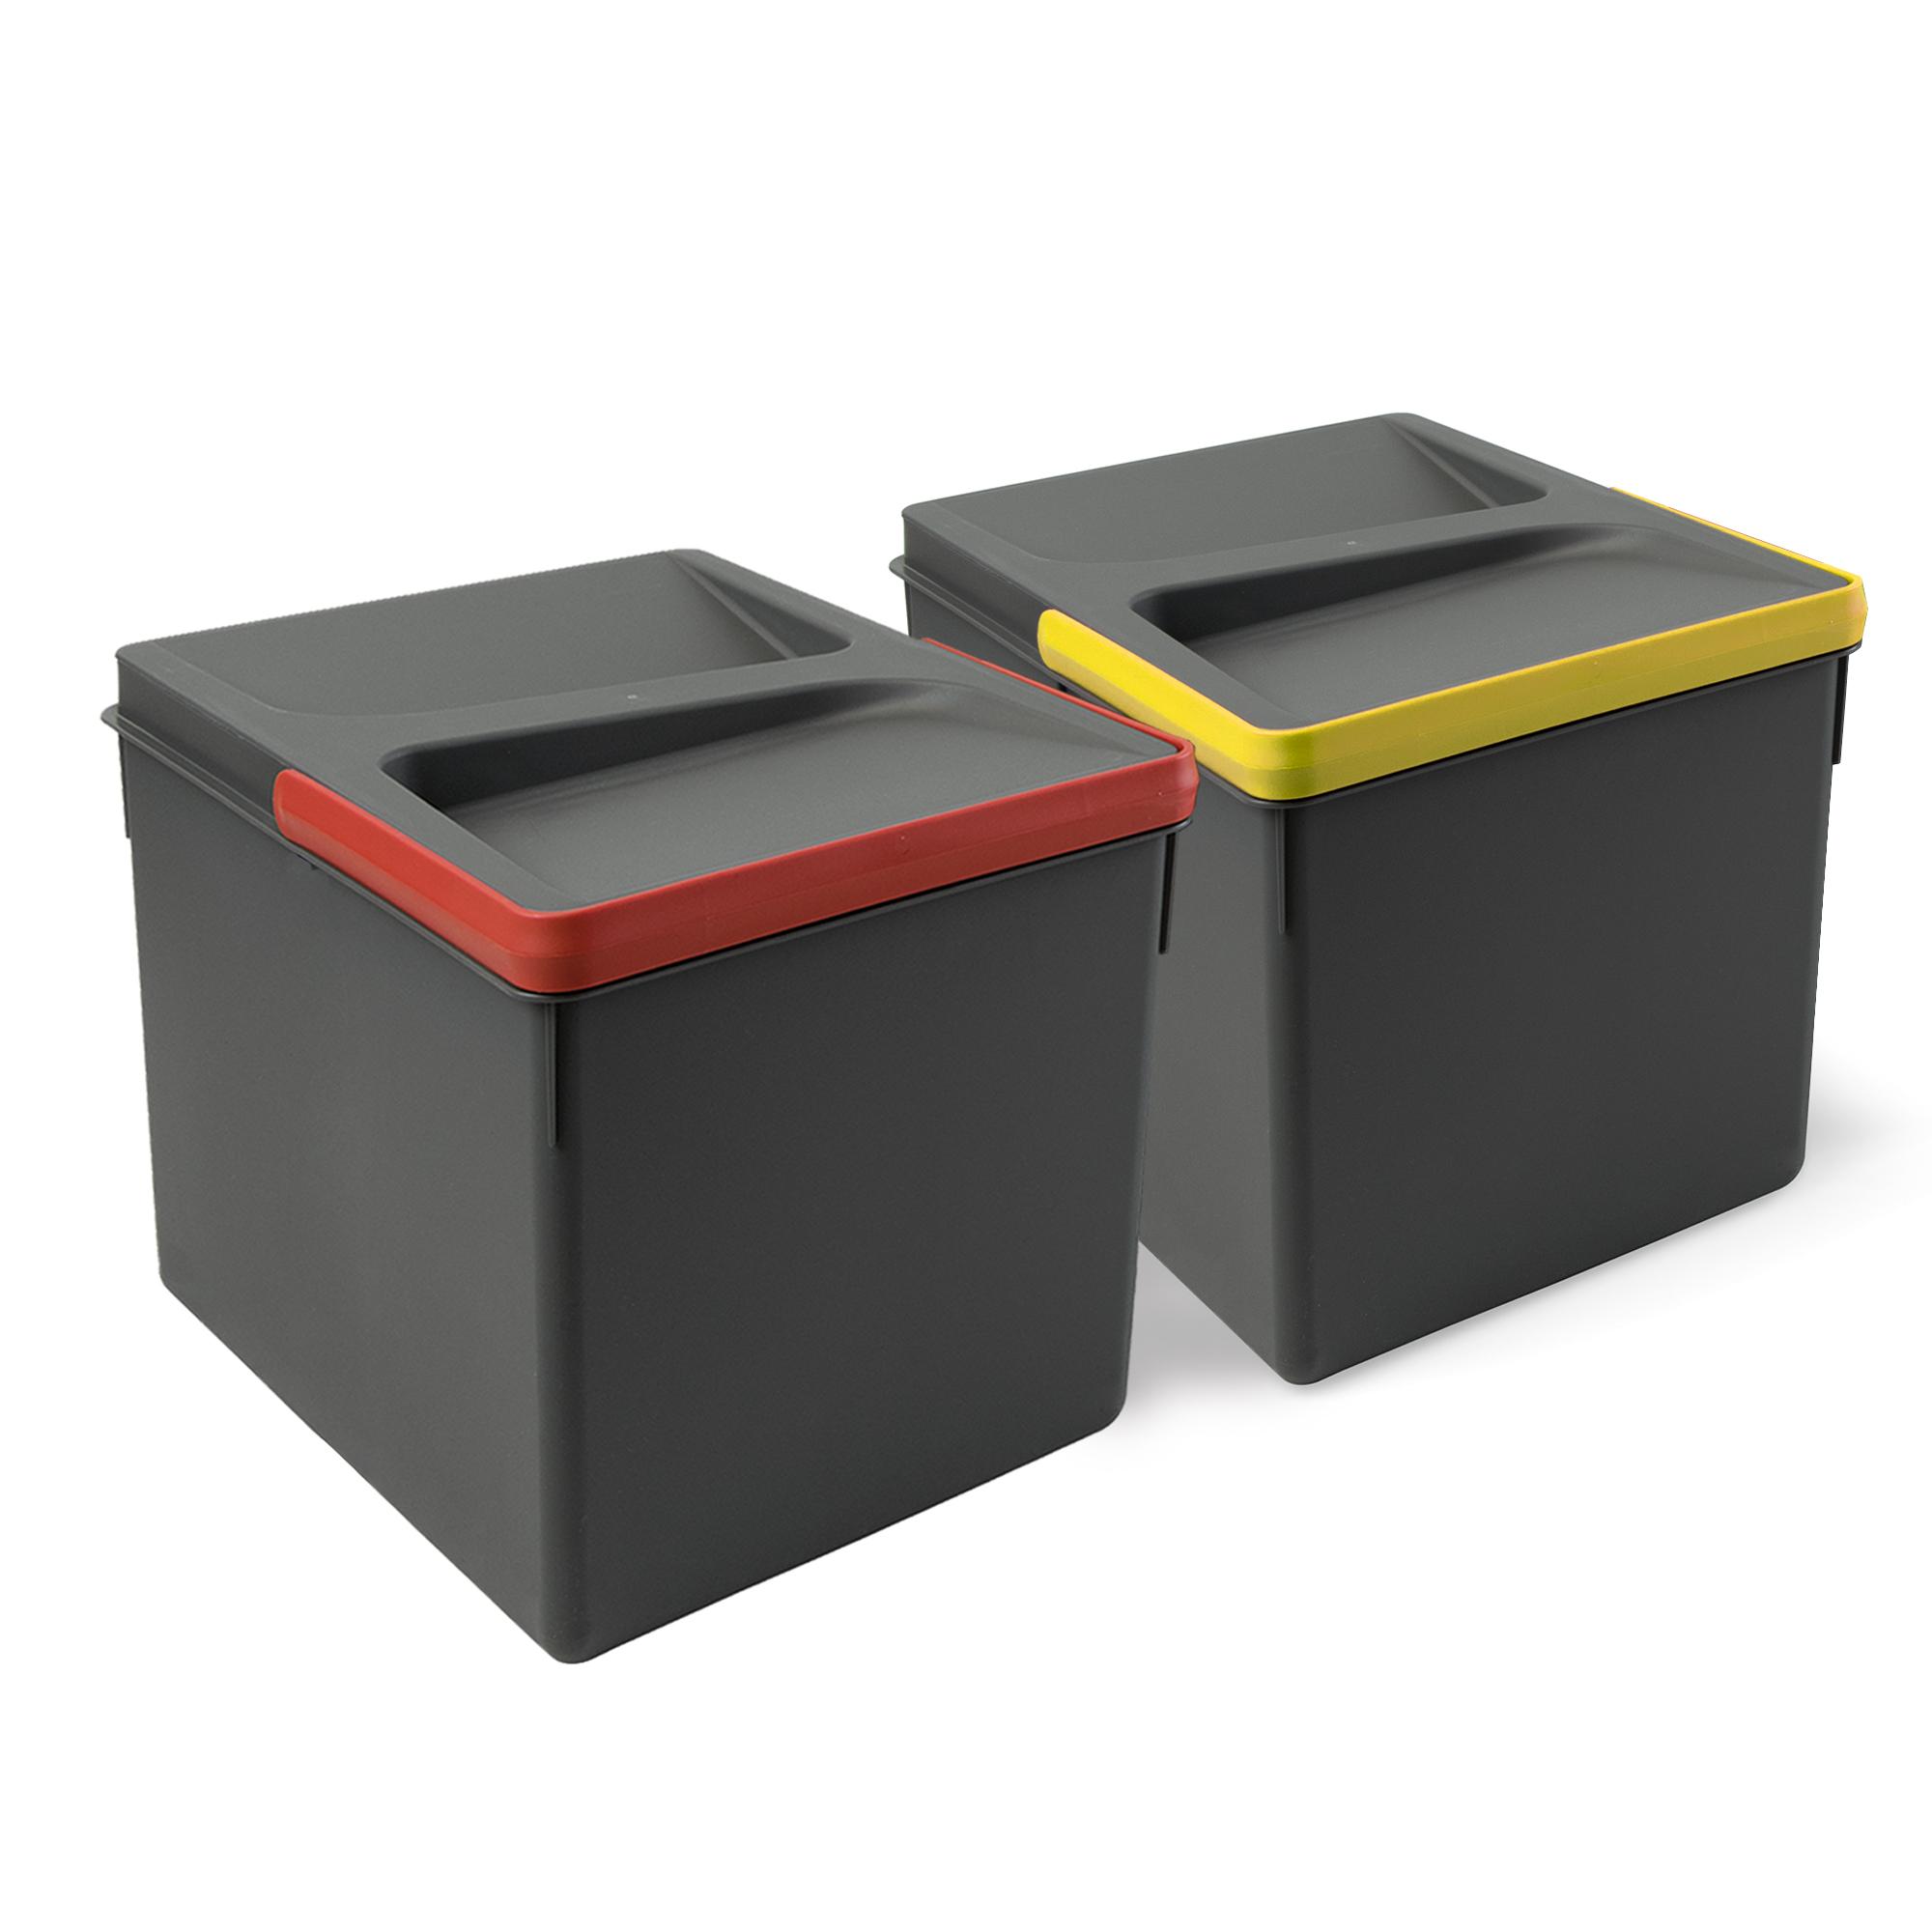 Emuca Contenitori per cassetti da cucina, altezza 216 mm, 12L, Grigio antracite, 2 un.